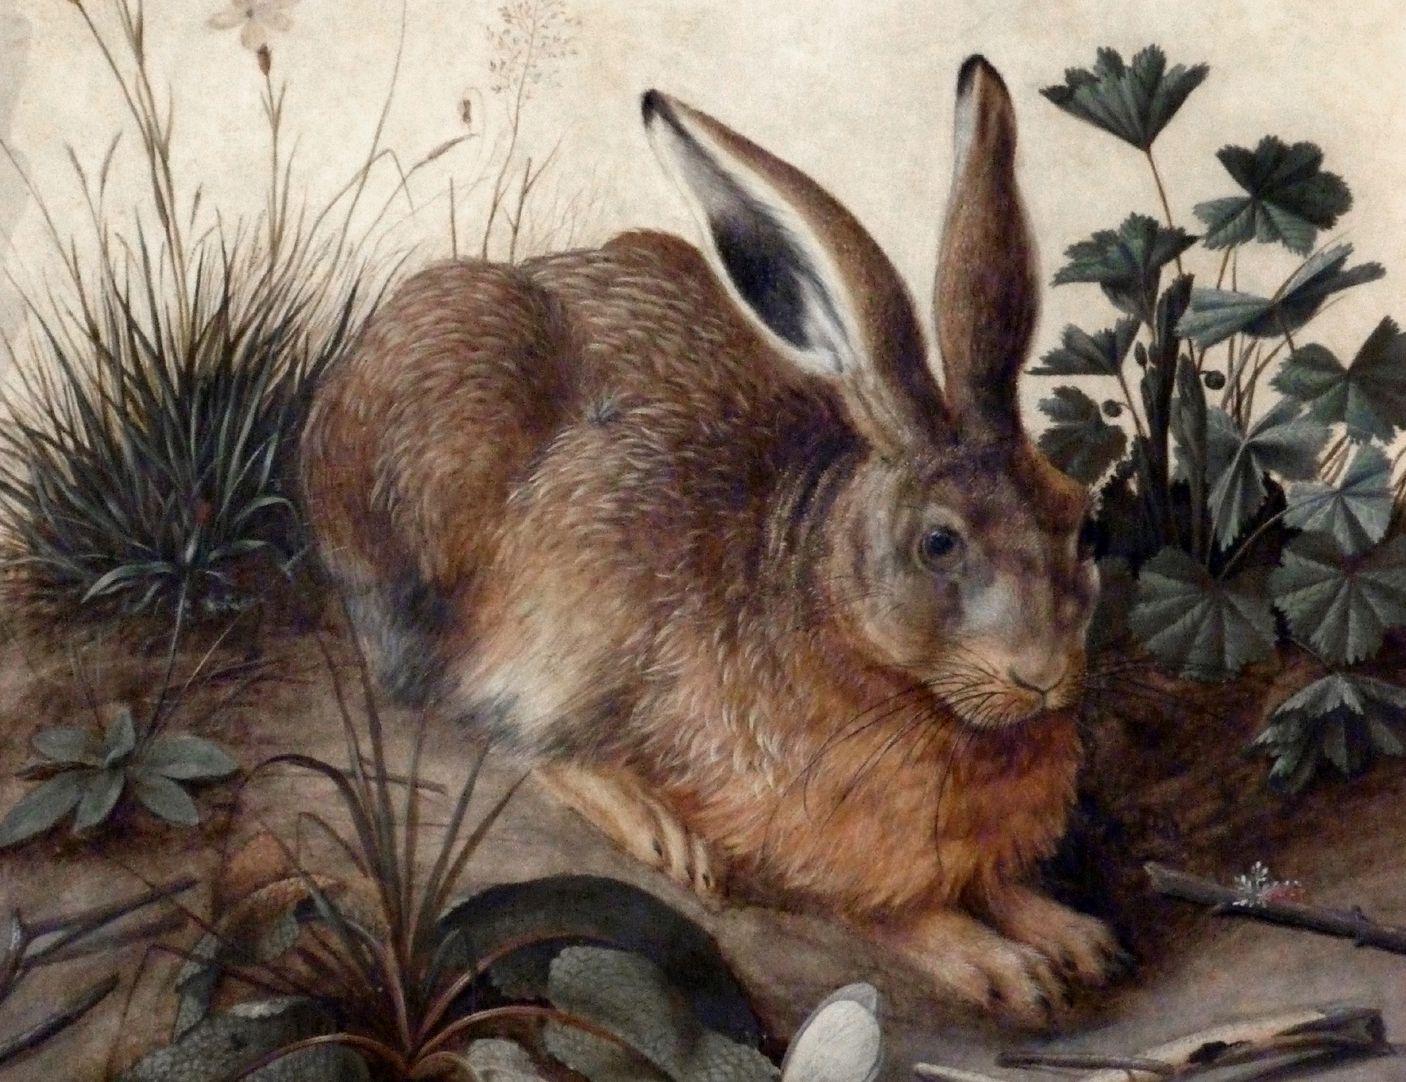 Der Hase (Rom) mittleres Bildfeld